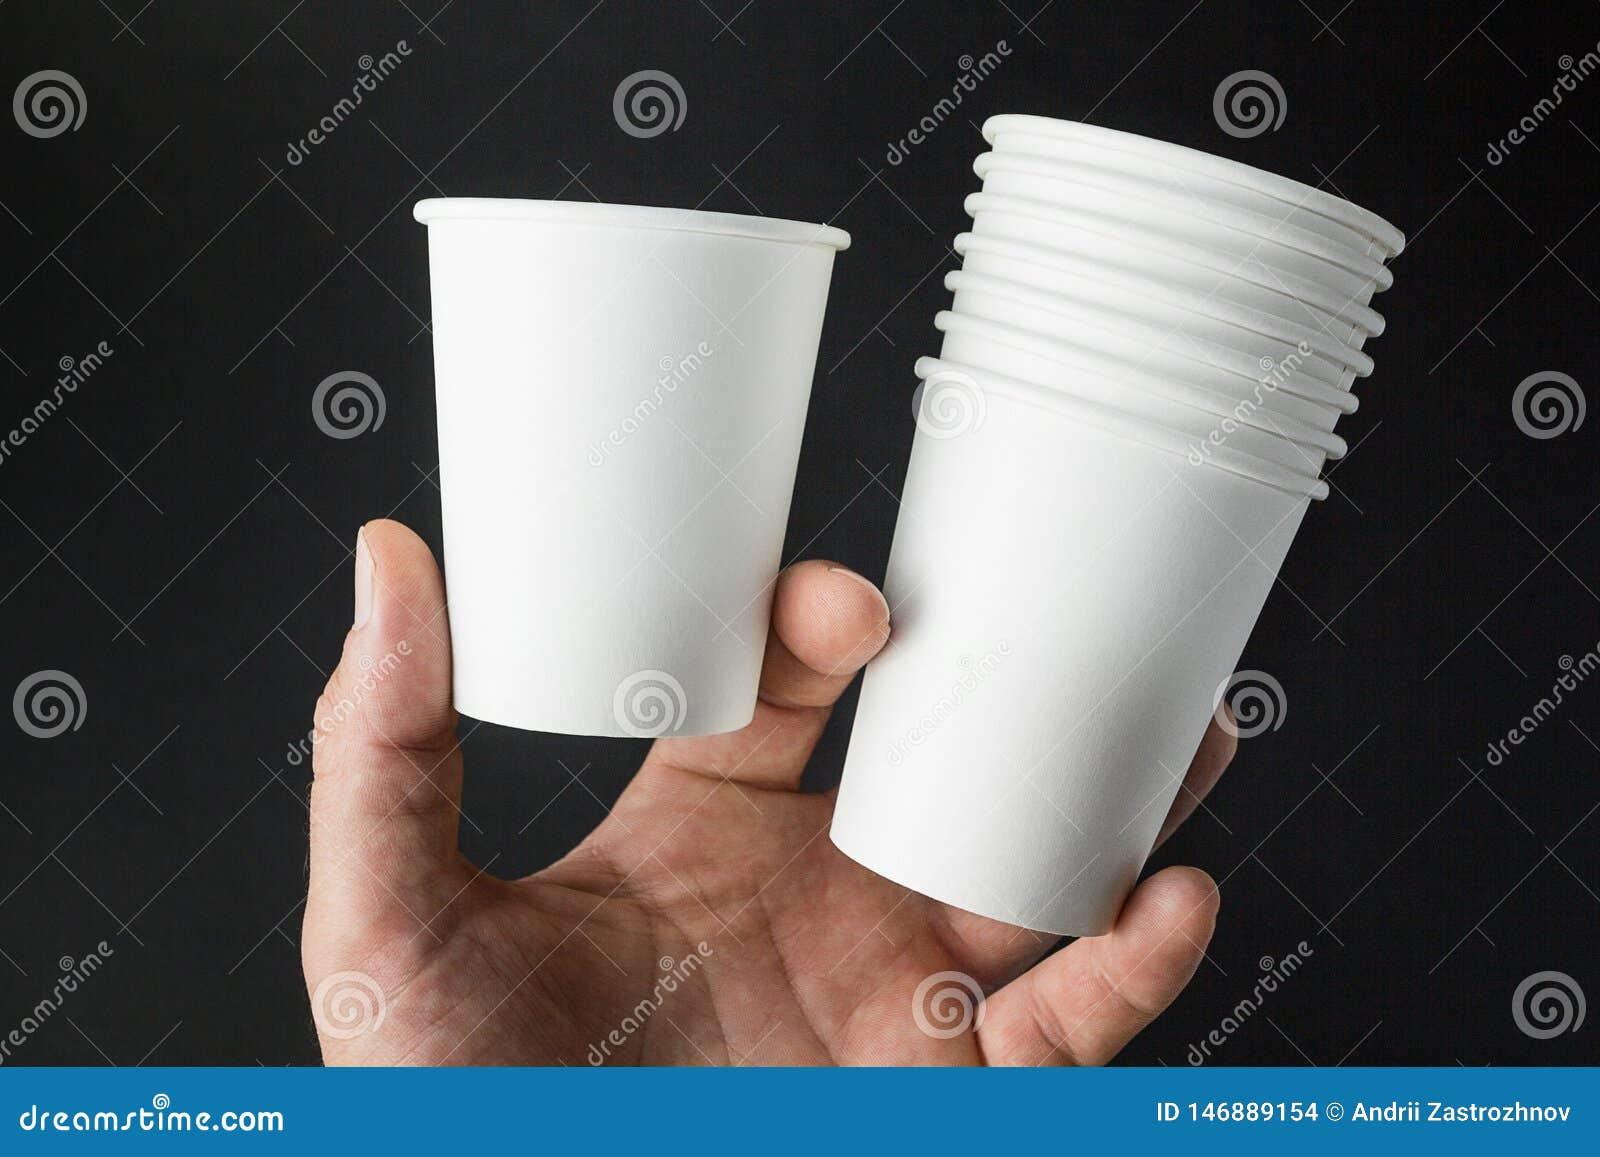 Ένα ανθρώπινο χέρι κρατά τα πρότυπα των φλυτζανιών για τον καφέ, το τσάι, τη σόδα και το χυμό σε ένα μαύρο υπόβαθρο